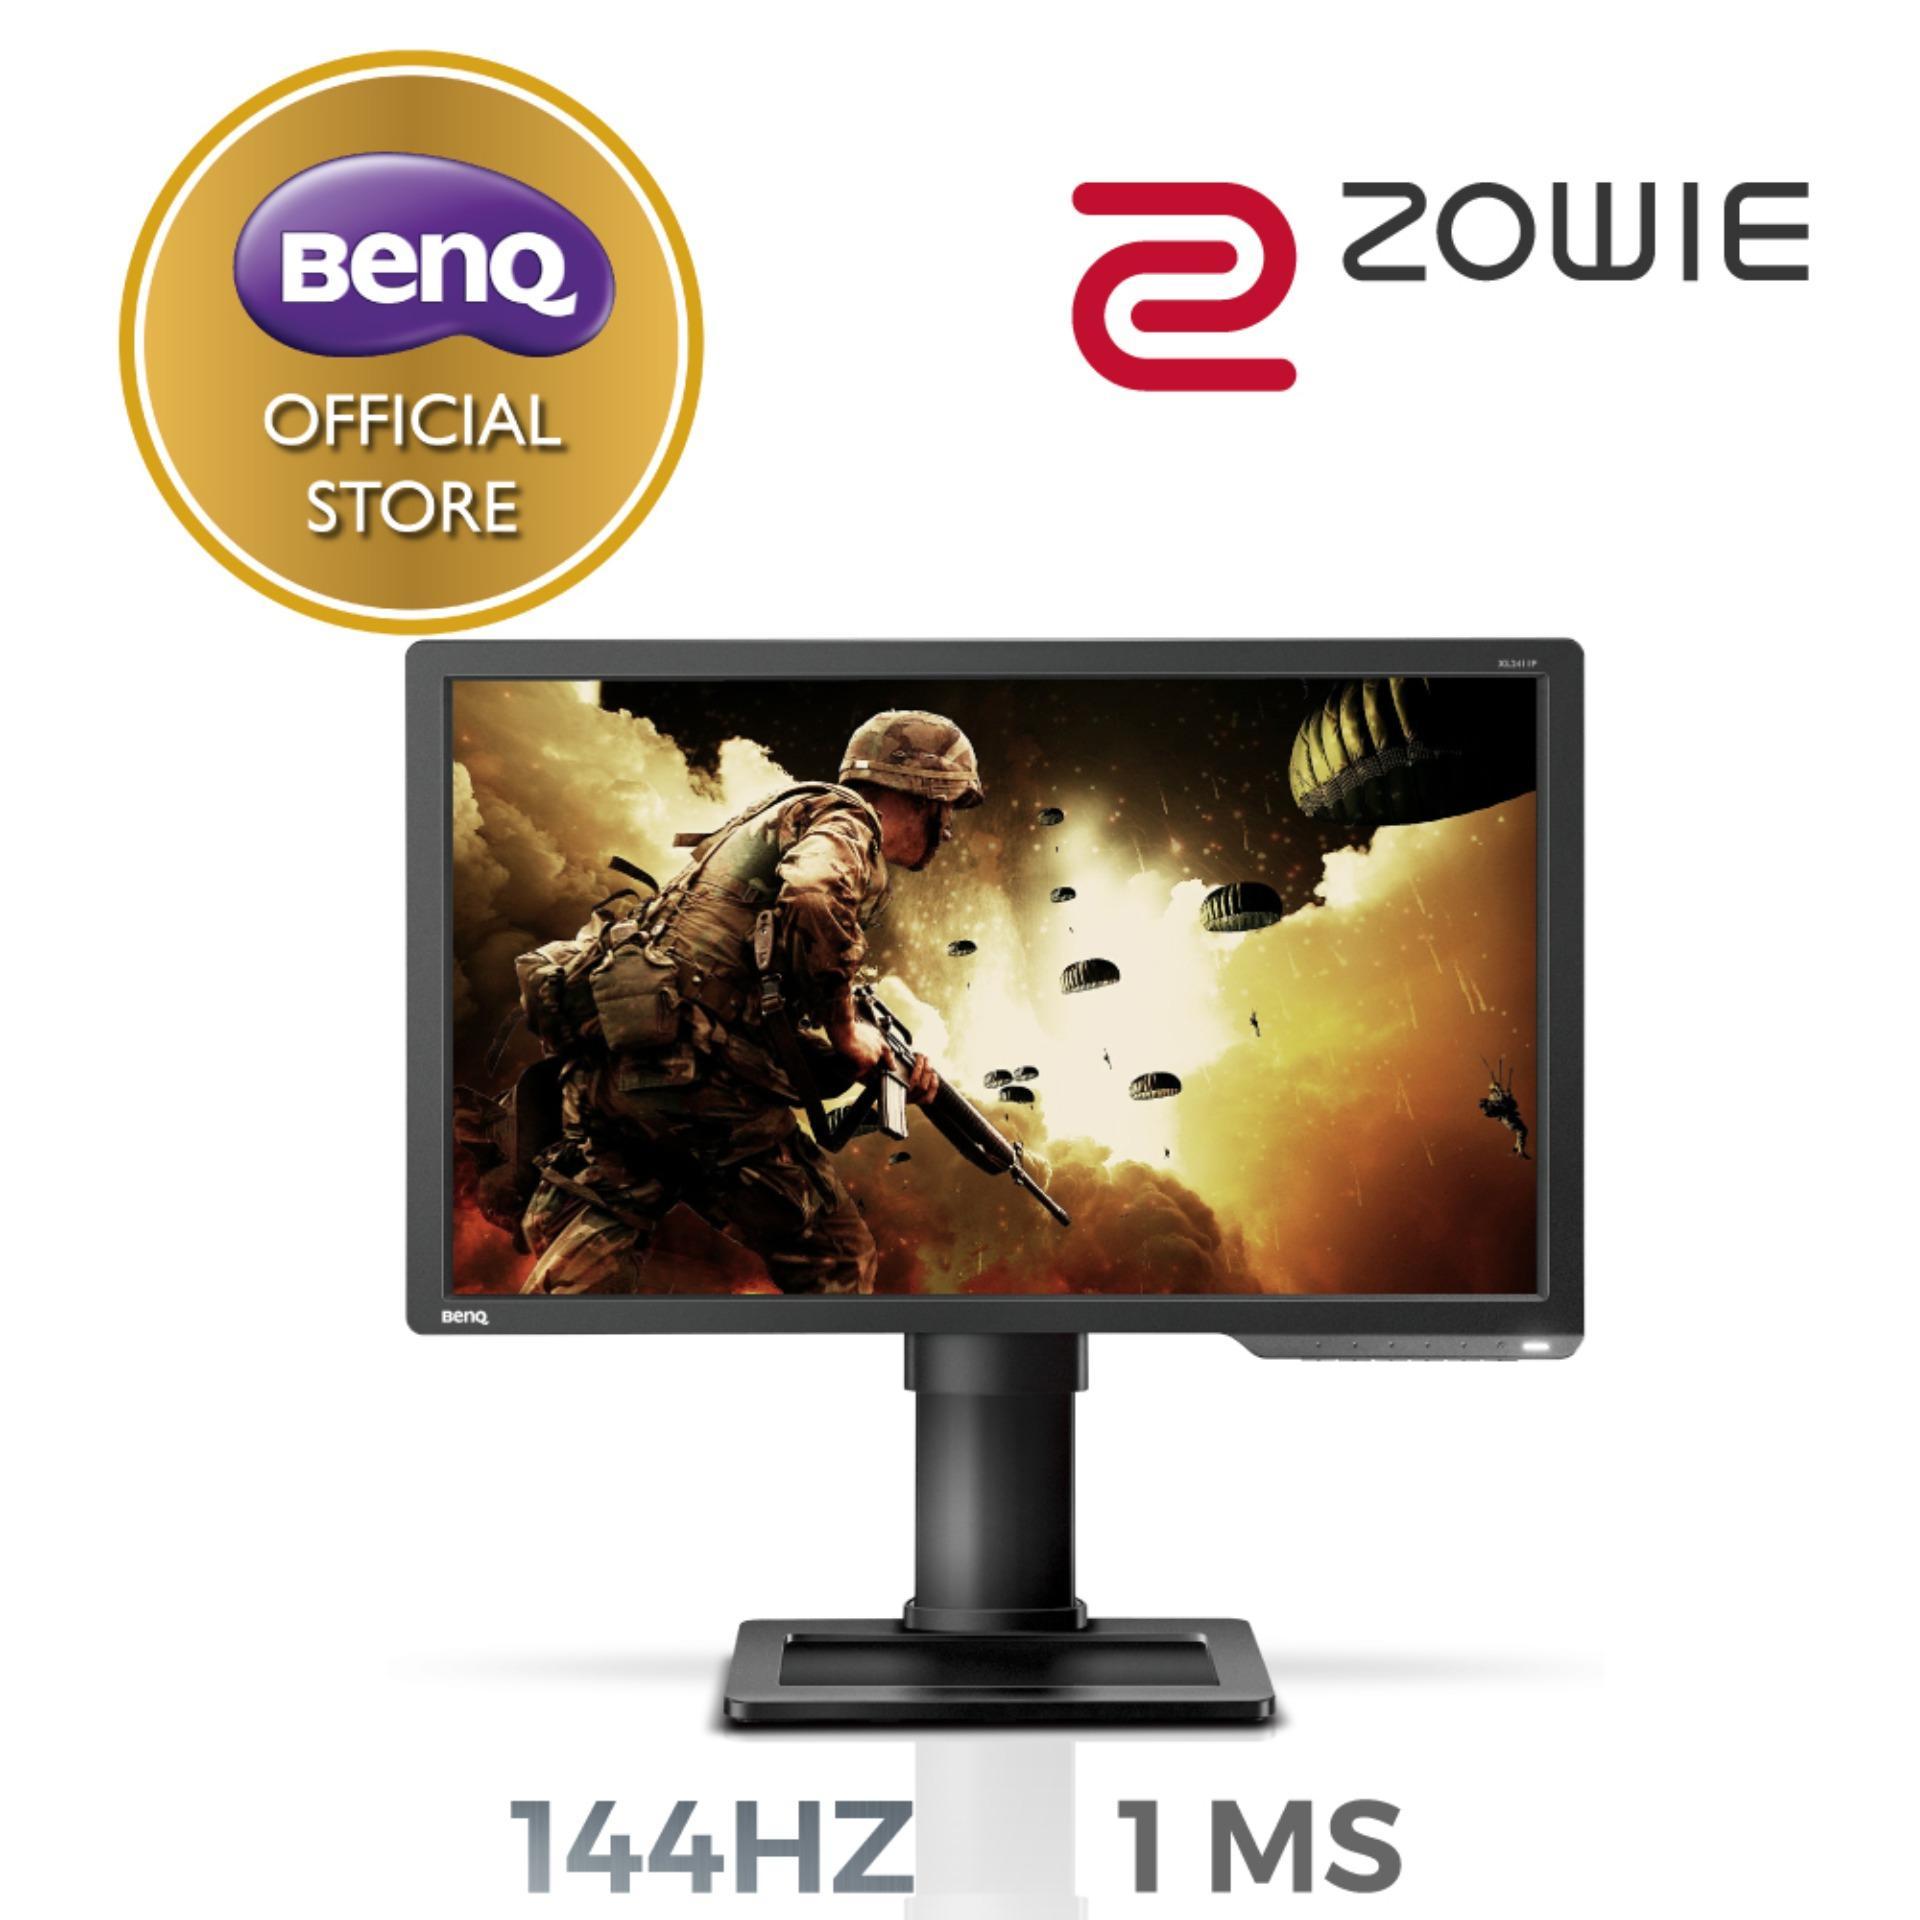 Màn hình máy tính BenQ ZOWIE XL2411 24 inch 144Hz 1ms chuyên eSports Gaming FPS (CSGO, PUBG, ...)